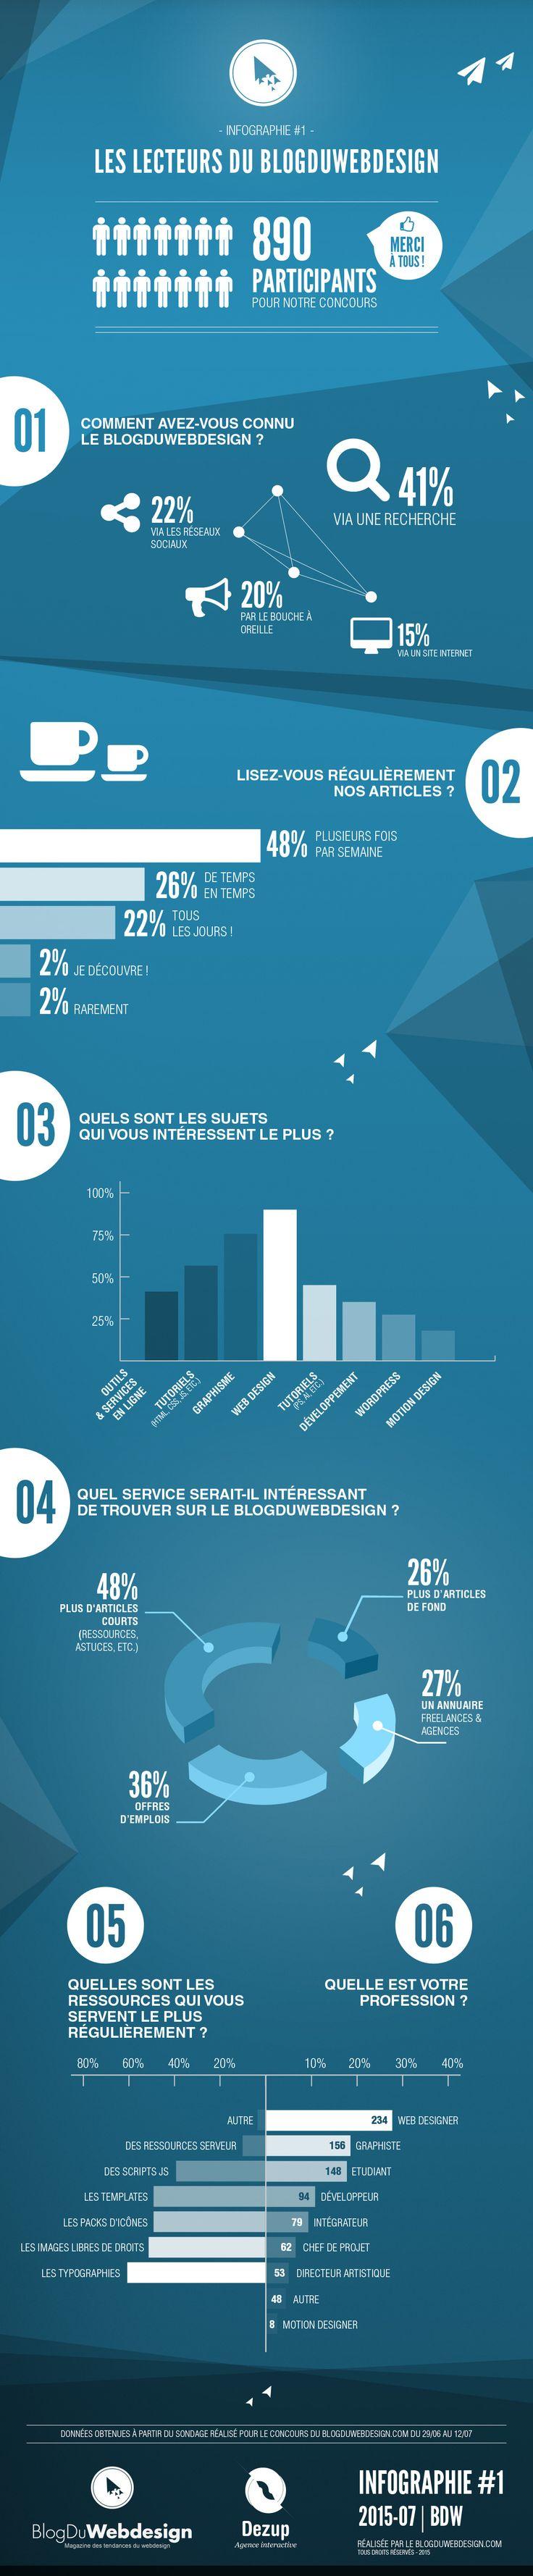 Retour sur le premier sondage du BlogDuWebdesign avec vos réponses ! | BlogDuWebdesign